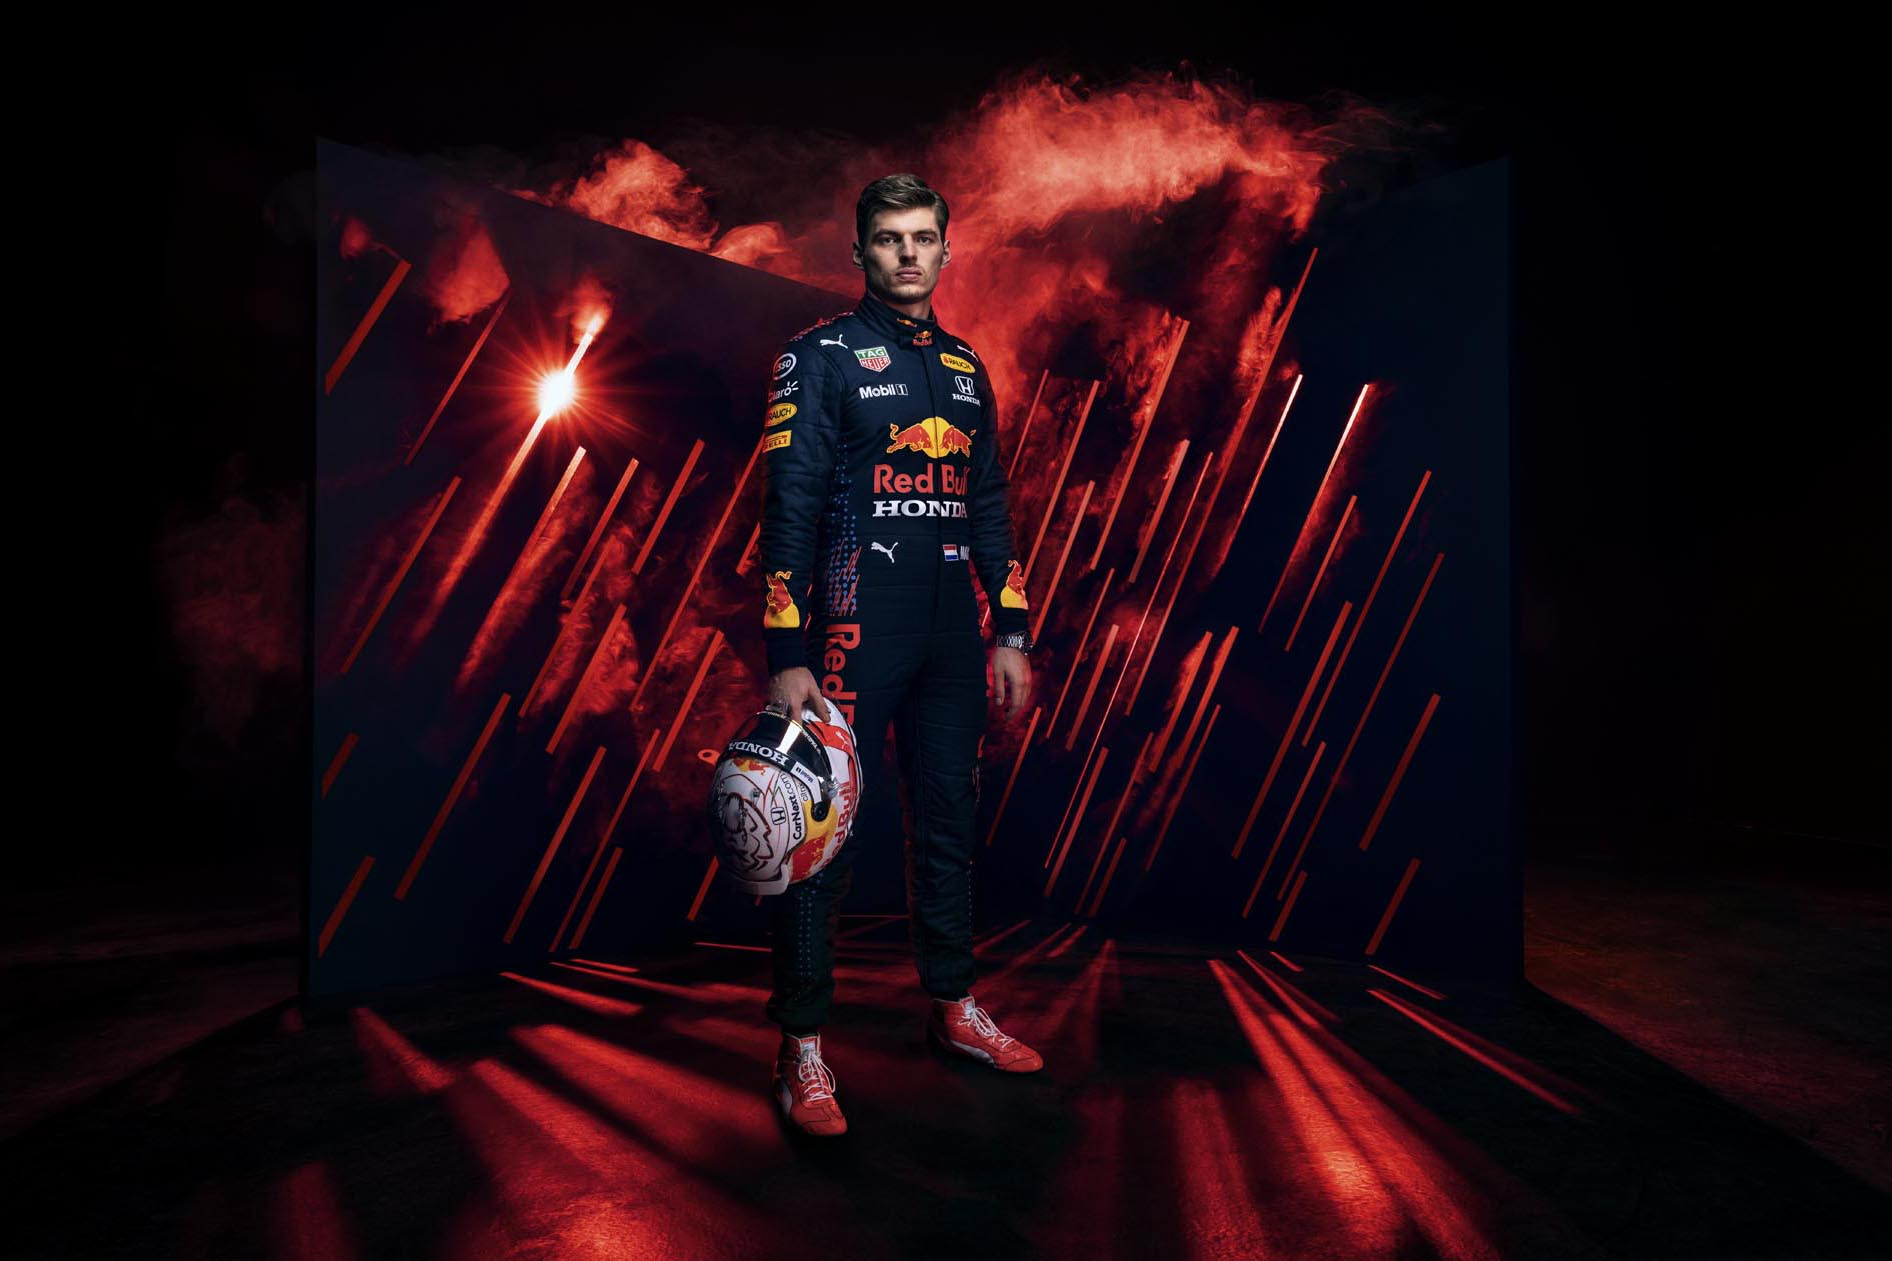 Max Verstappen, 2021